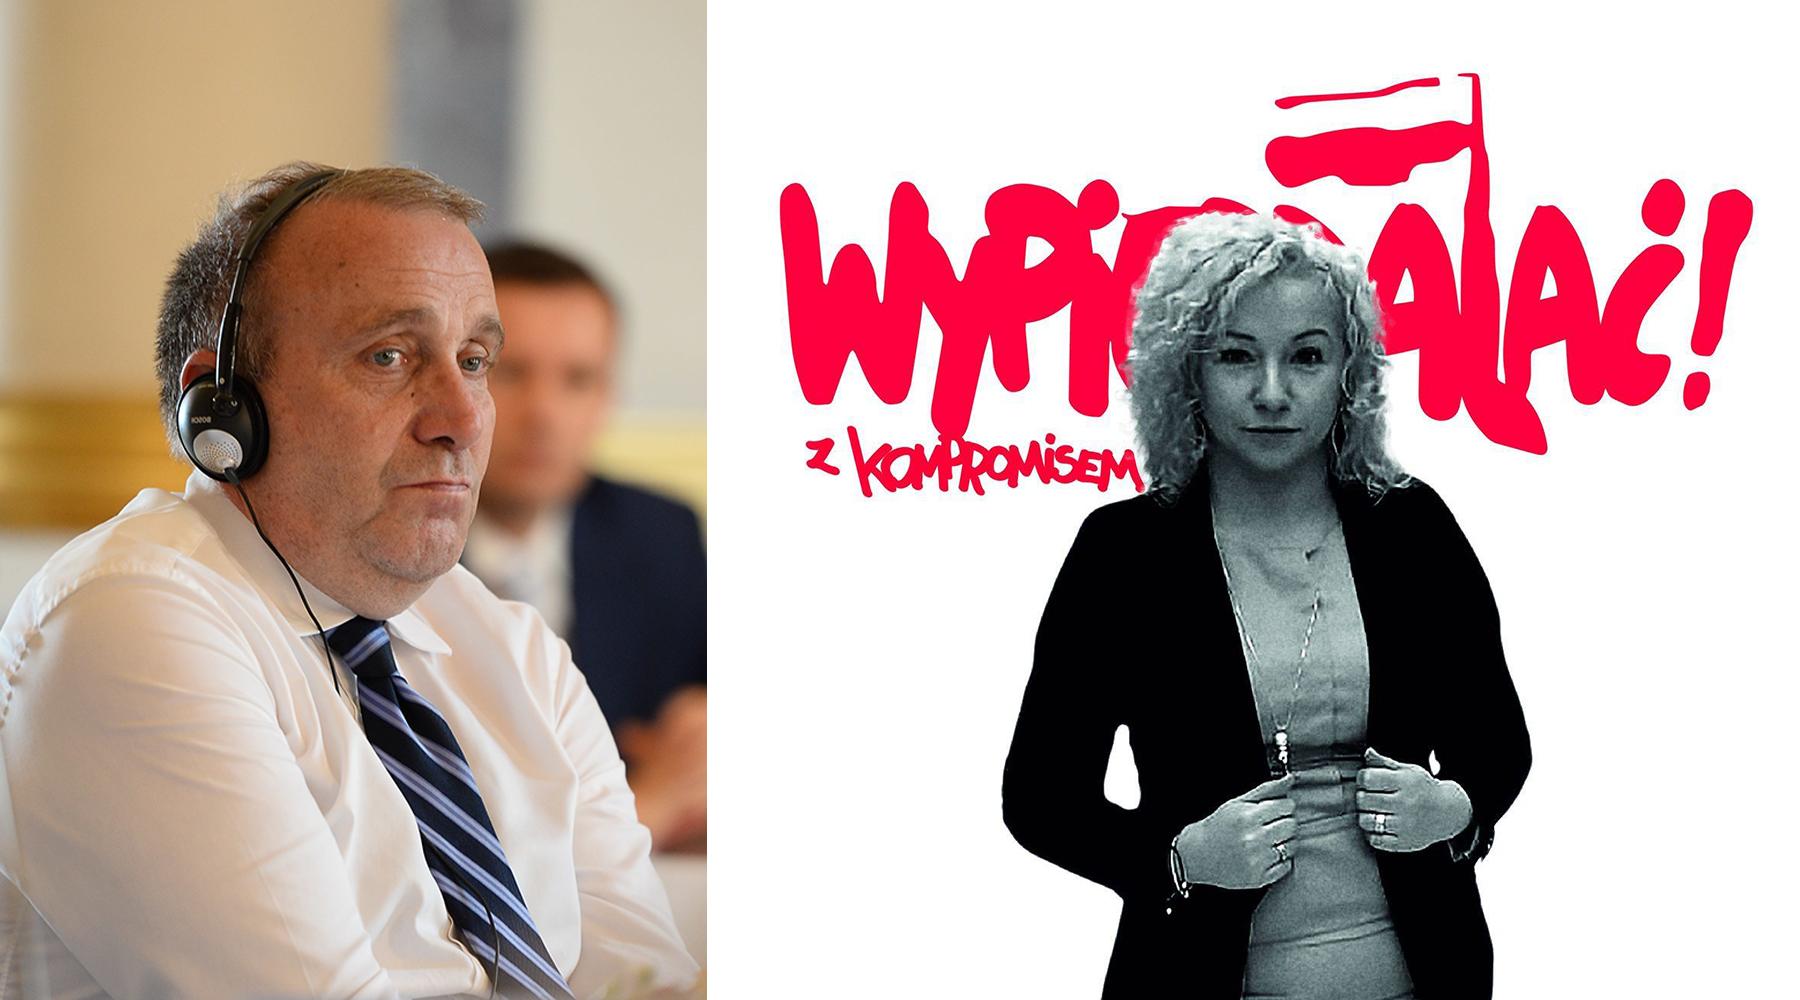 """Chaos wPO: Schetyna żąda powrotu dokompromisu. """"On chce skłócić nas zLewicą"""" mówi poseł Platformy"""